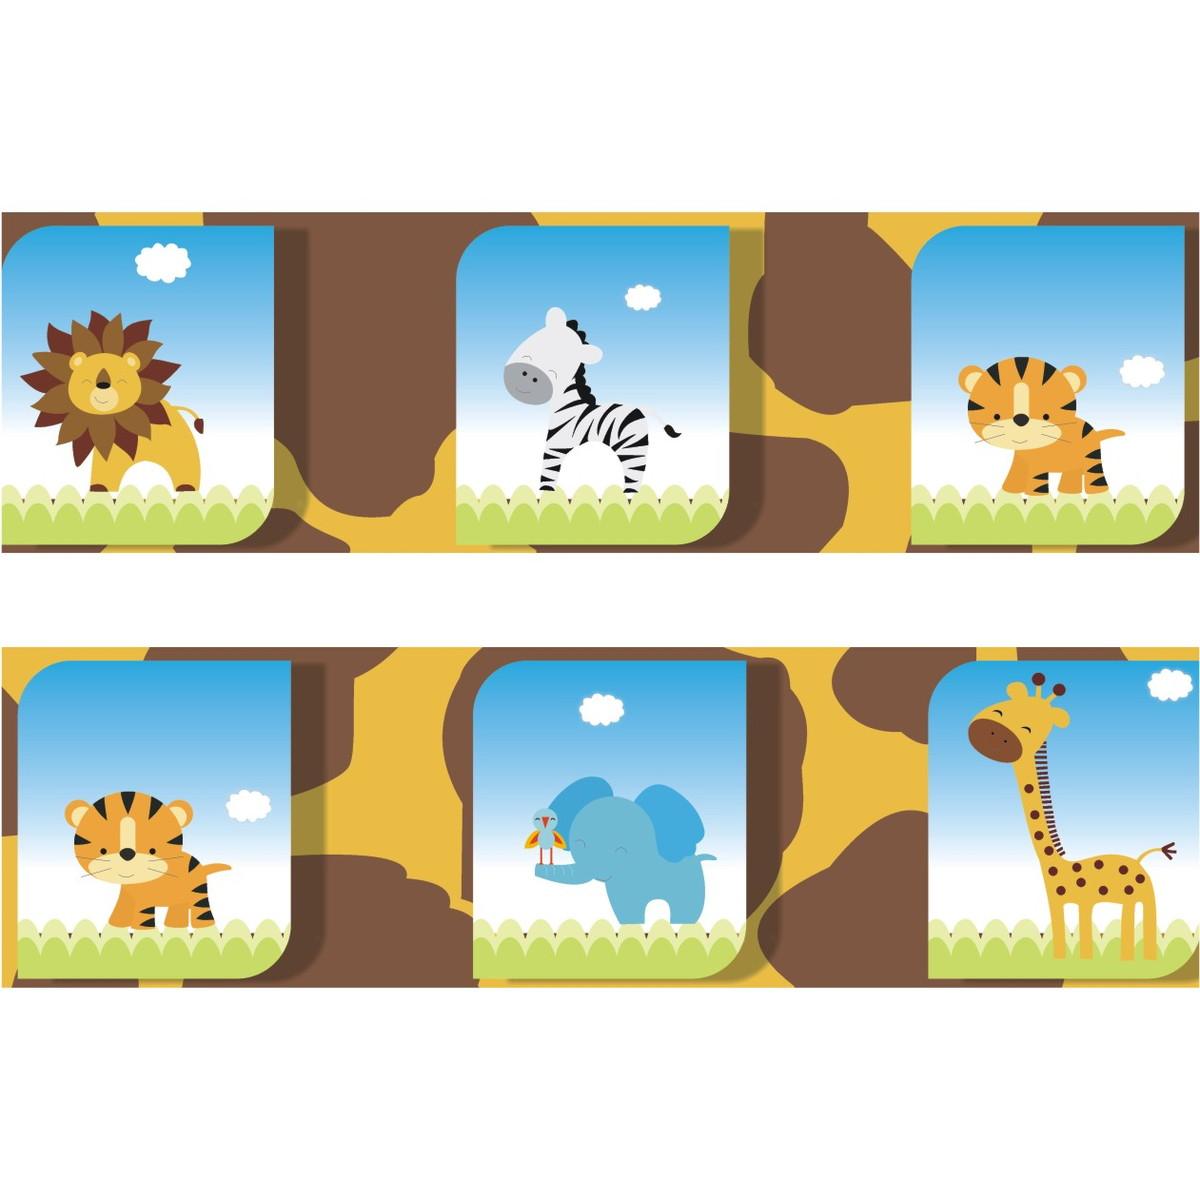 Adesivo Faixa Border Kit Zoo Safari M17 Quartinhodecorado Elo7 ~ Paredes De Gesso Para Quarto E Quarto De Bebe Floresta